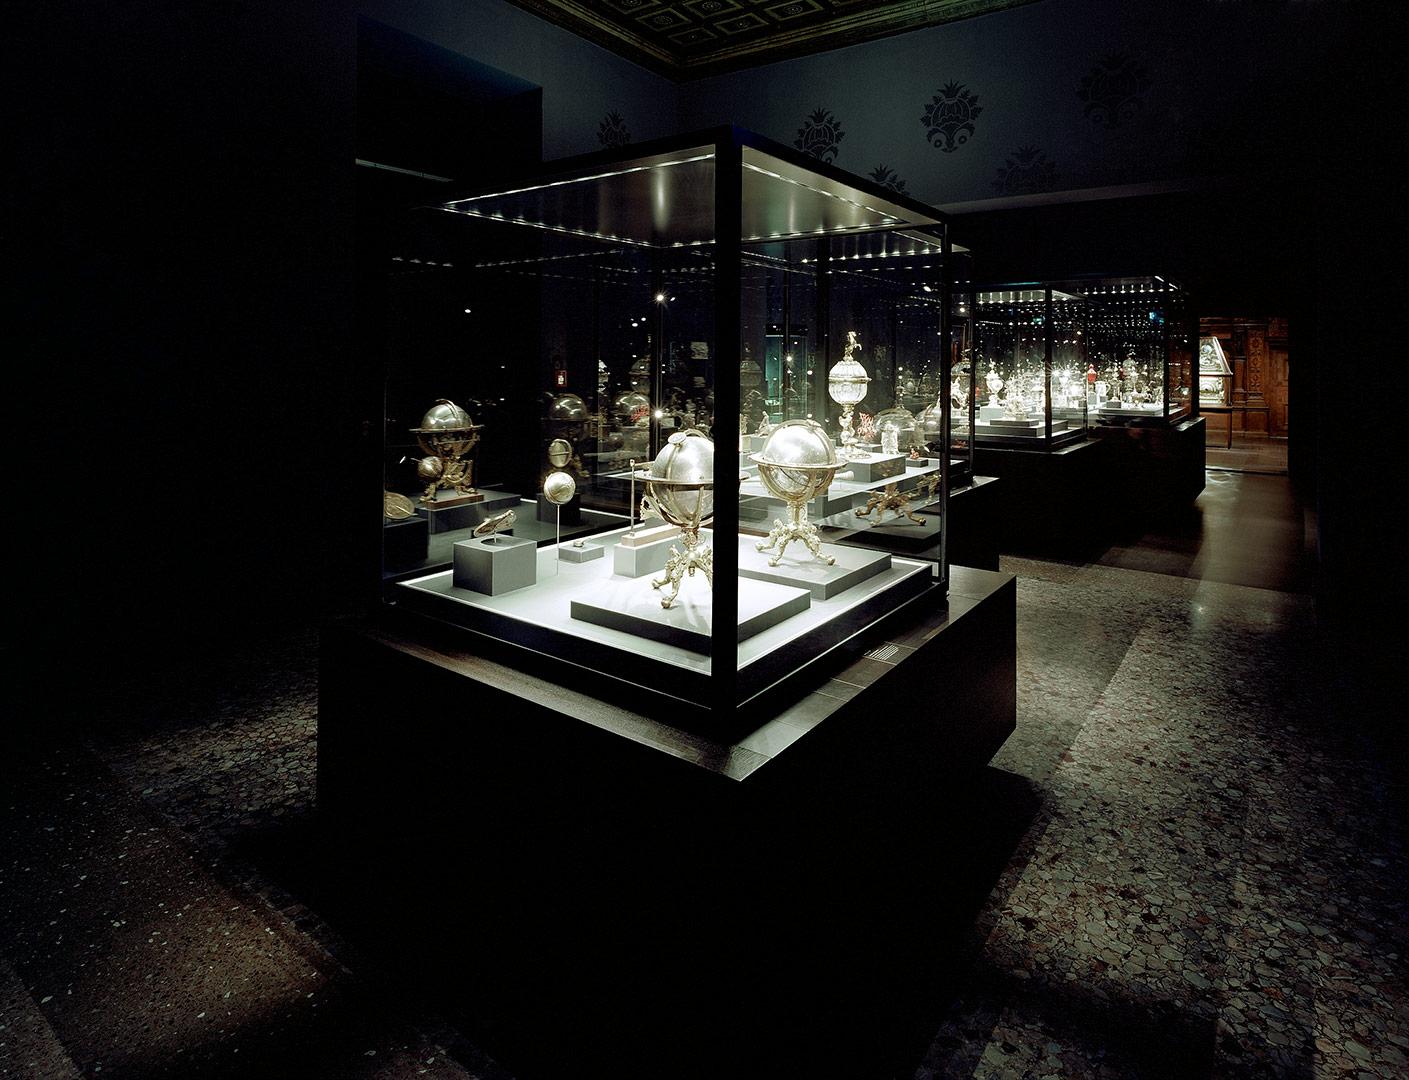 Hessisches Landesmuseum Kardorff Ingenieure Lichtplanung, Chiavenna Spange